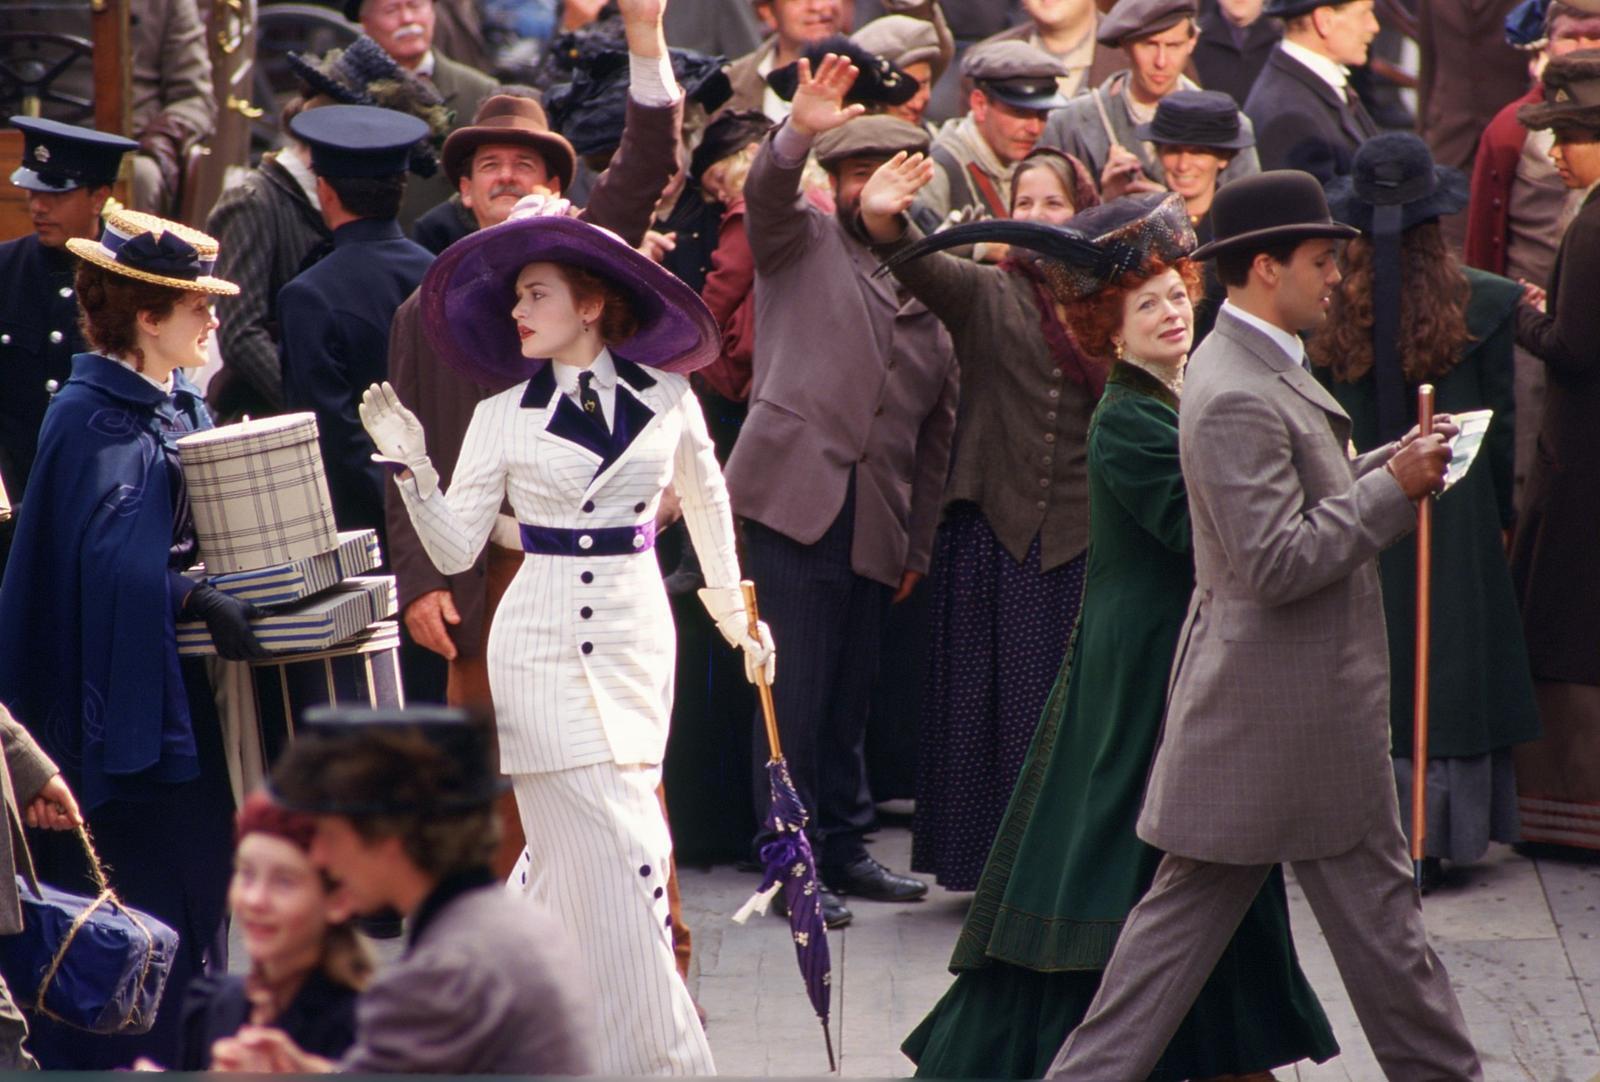 Krásné šatičky z filmu a pohádky - Titanic - videt celé šaty